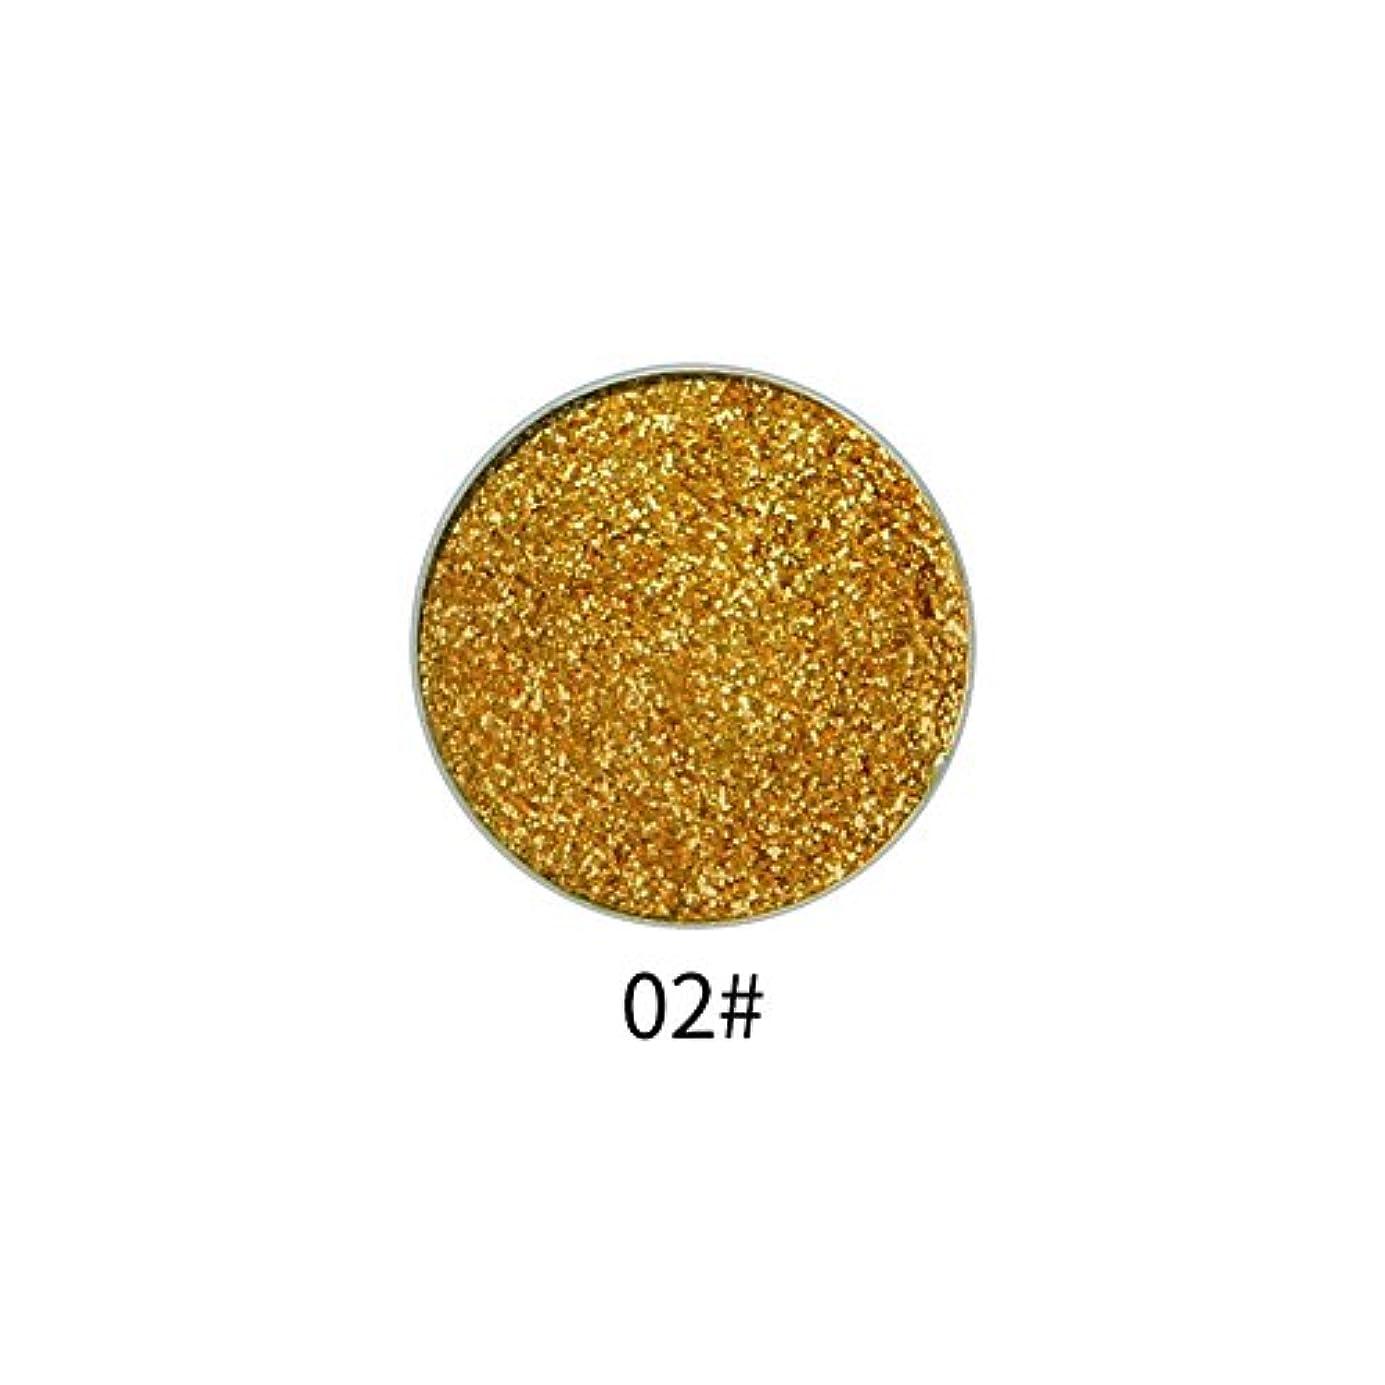 強風求人取り替える9色アイシャドウパレット顔料シャイニングパウダーマットグリッターアイシャドウパウダー(2)